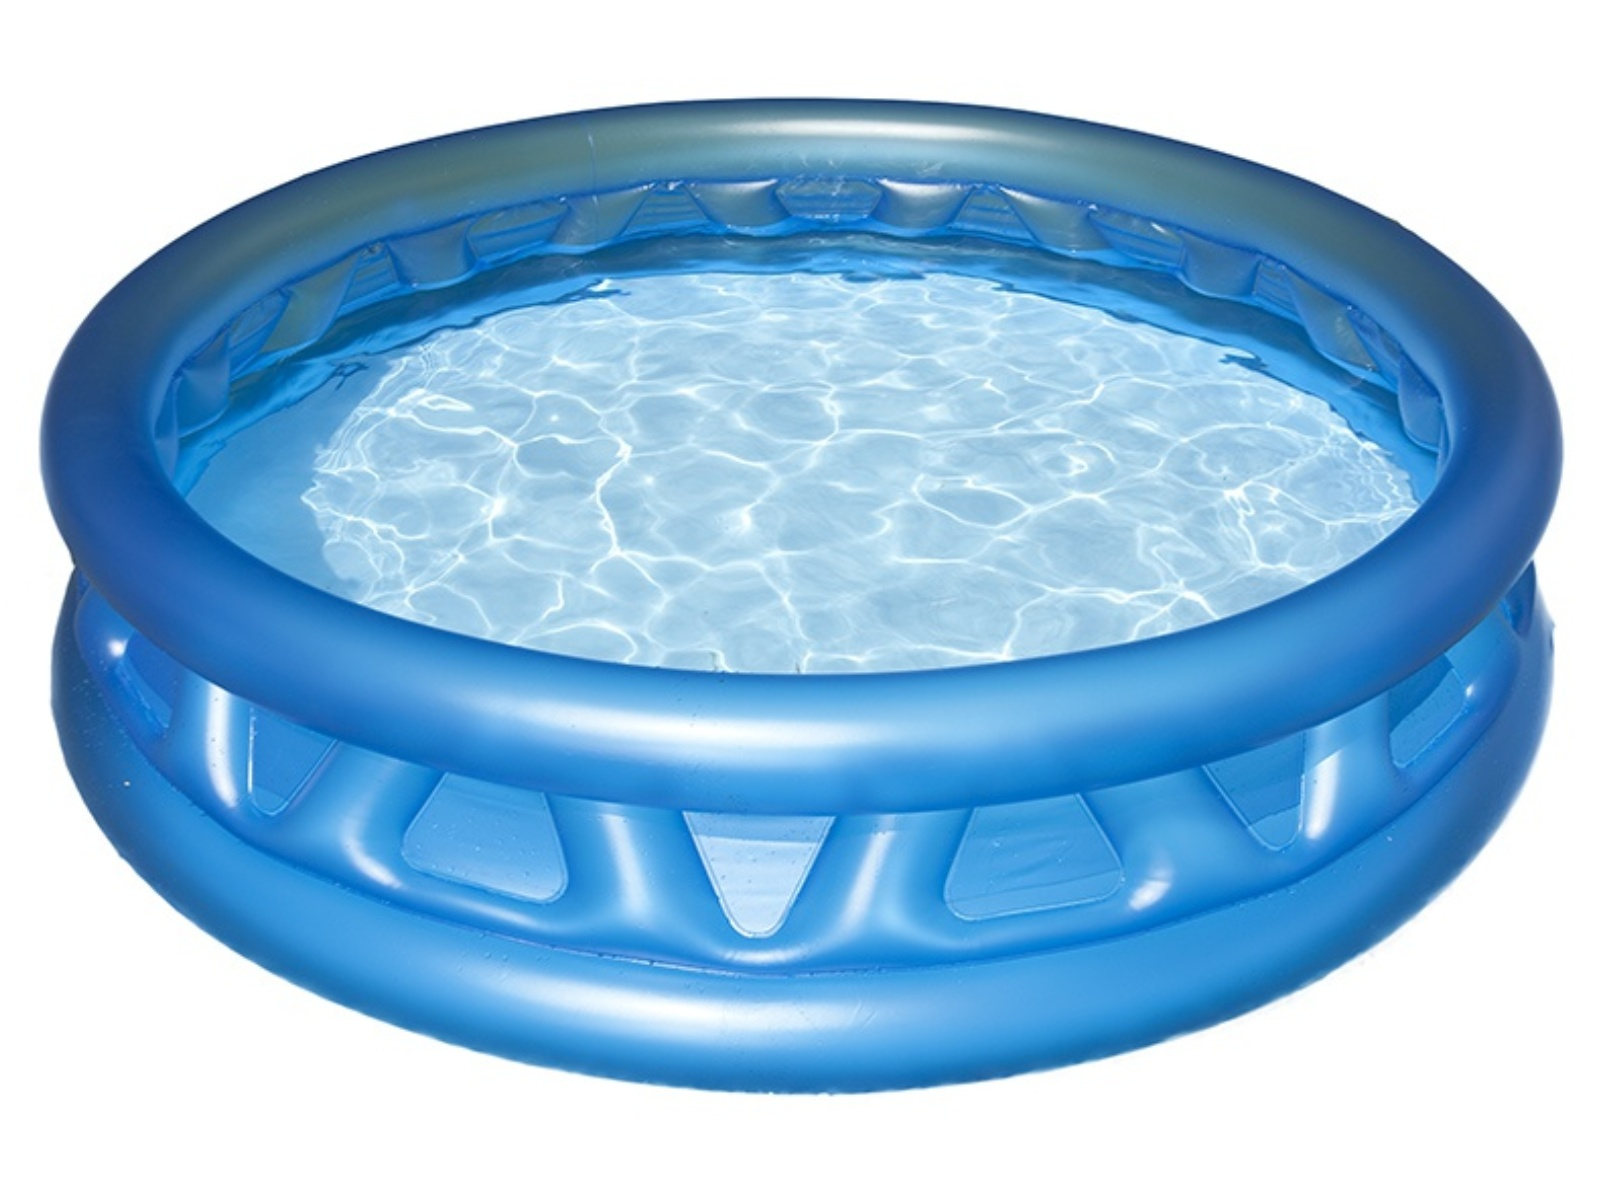 Nafukovací bazén INTEX 188 x 46 cm